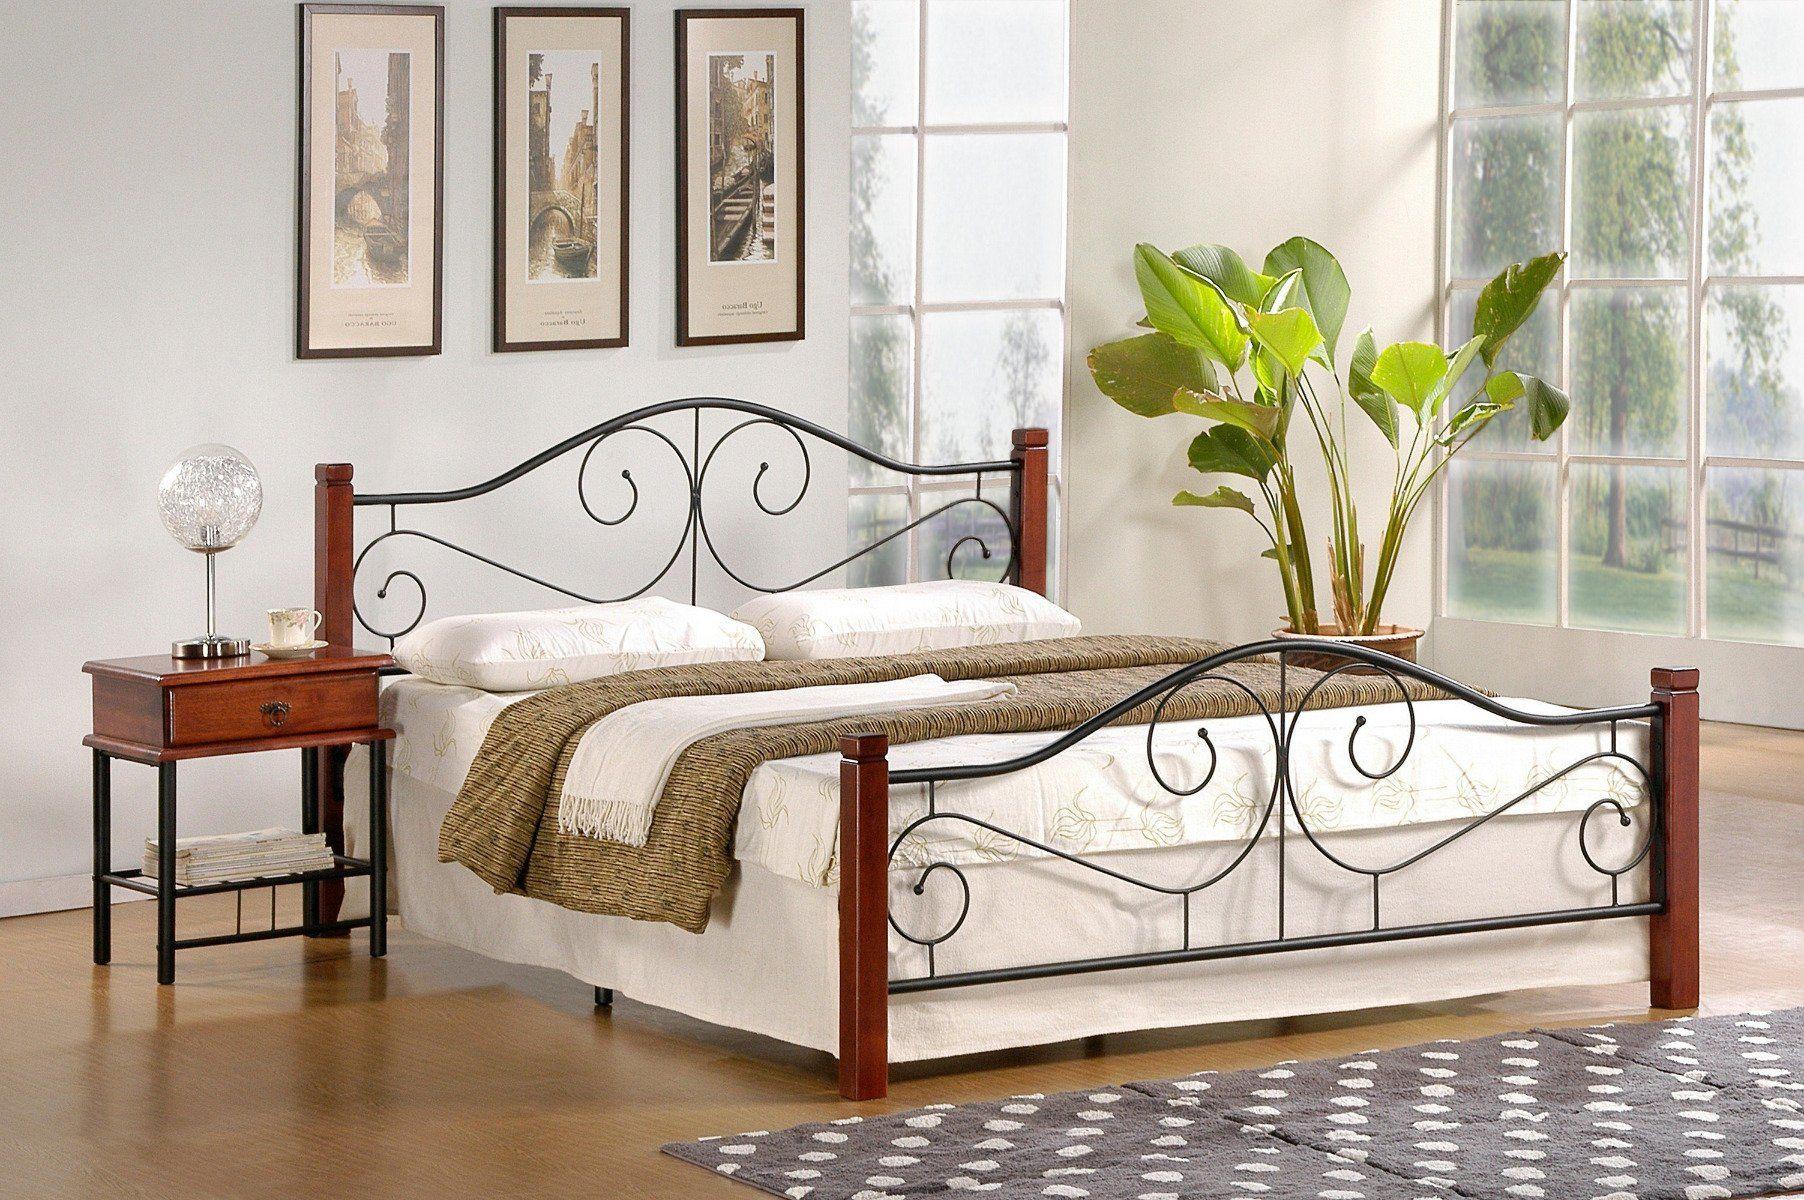 Łóżko antyczne